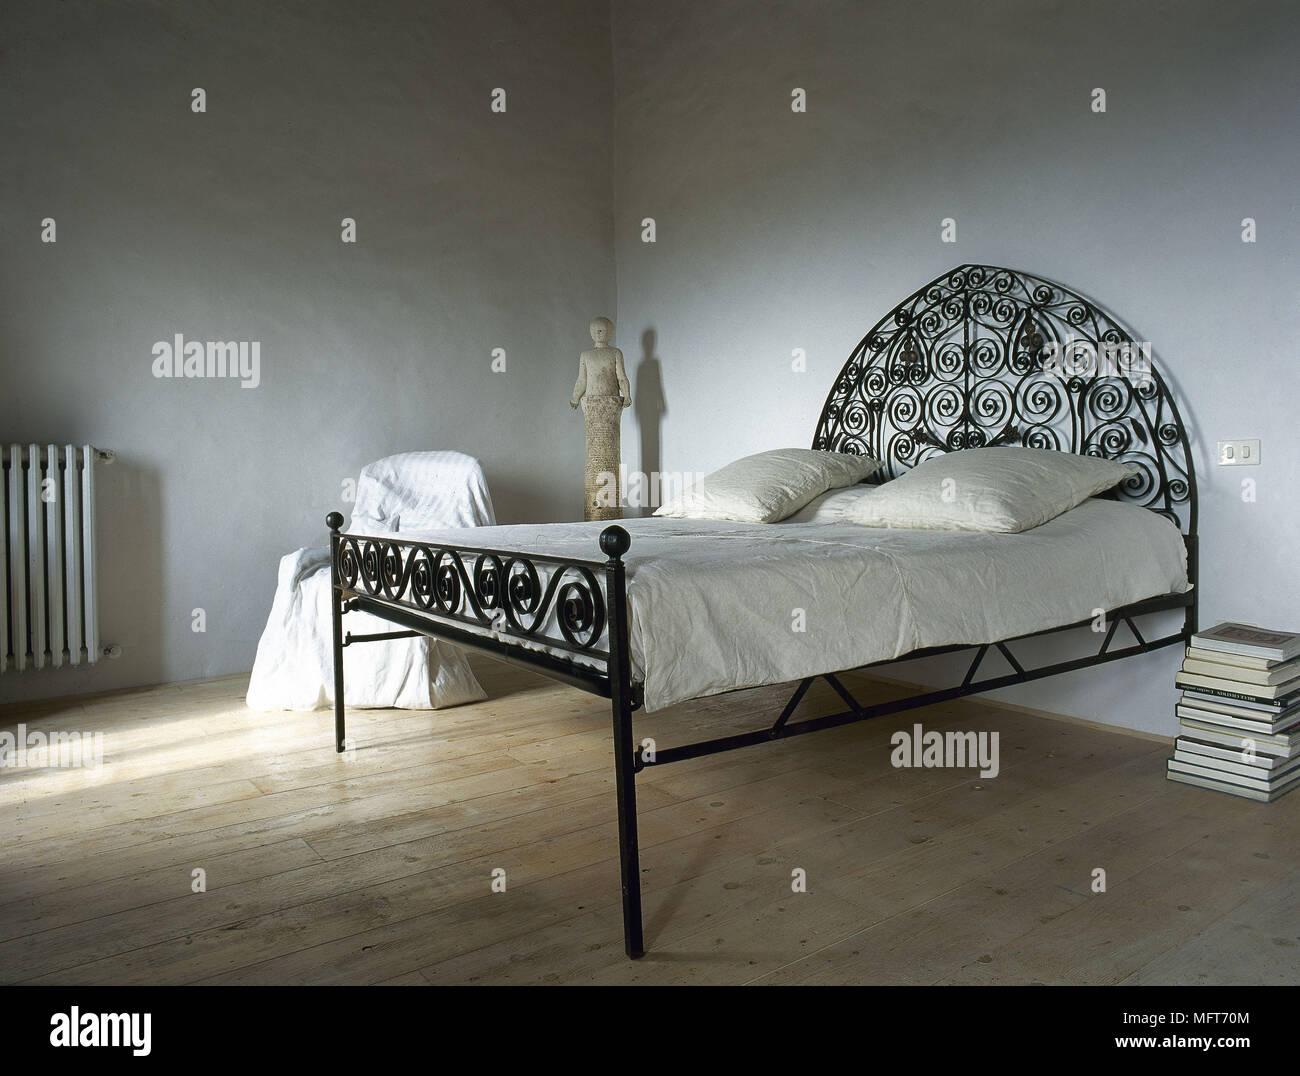 Schlafzimmer Einrichtung Trend Bett Minimalistisch Parkett: Rustikale Einfache Schlafzimmer Parkett Schmiedeeisernes